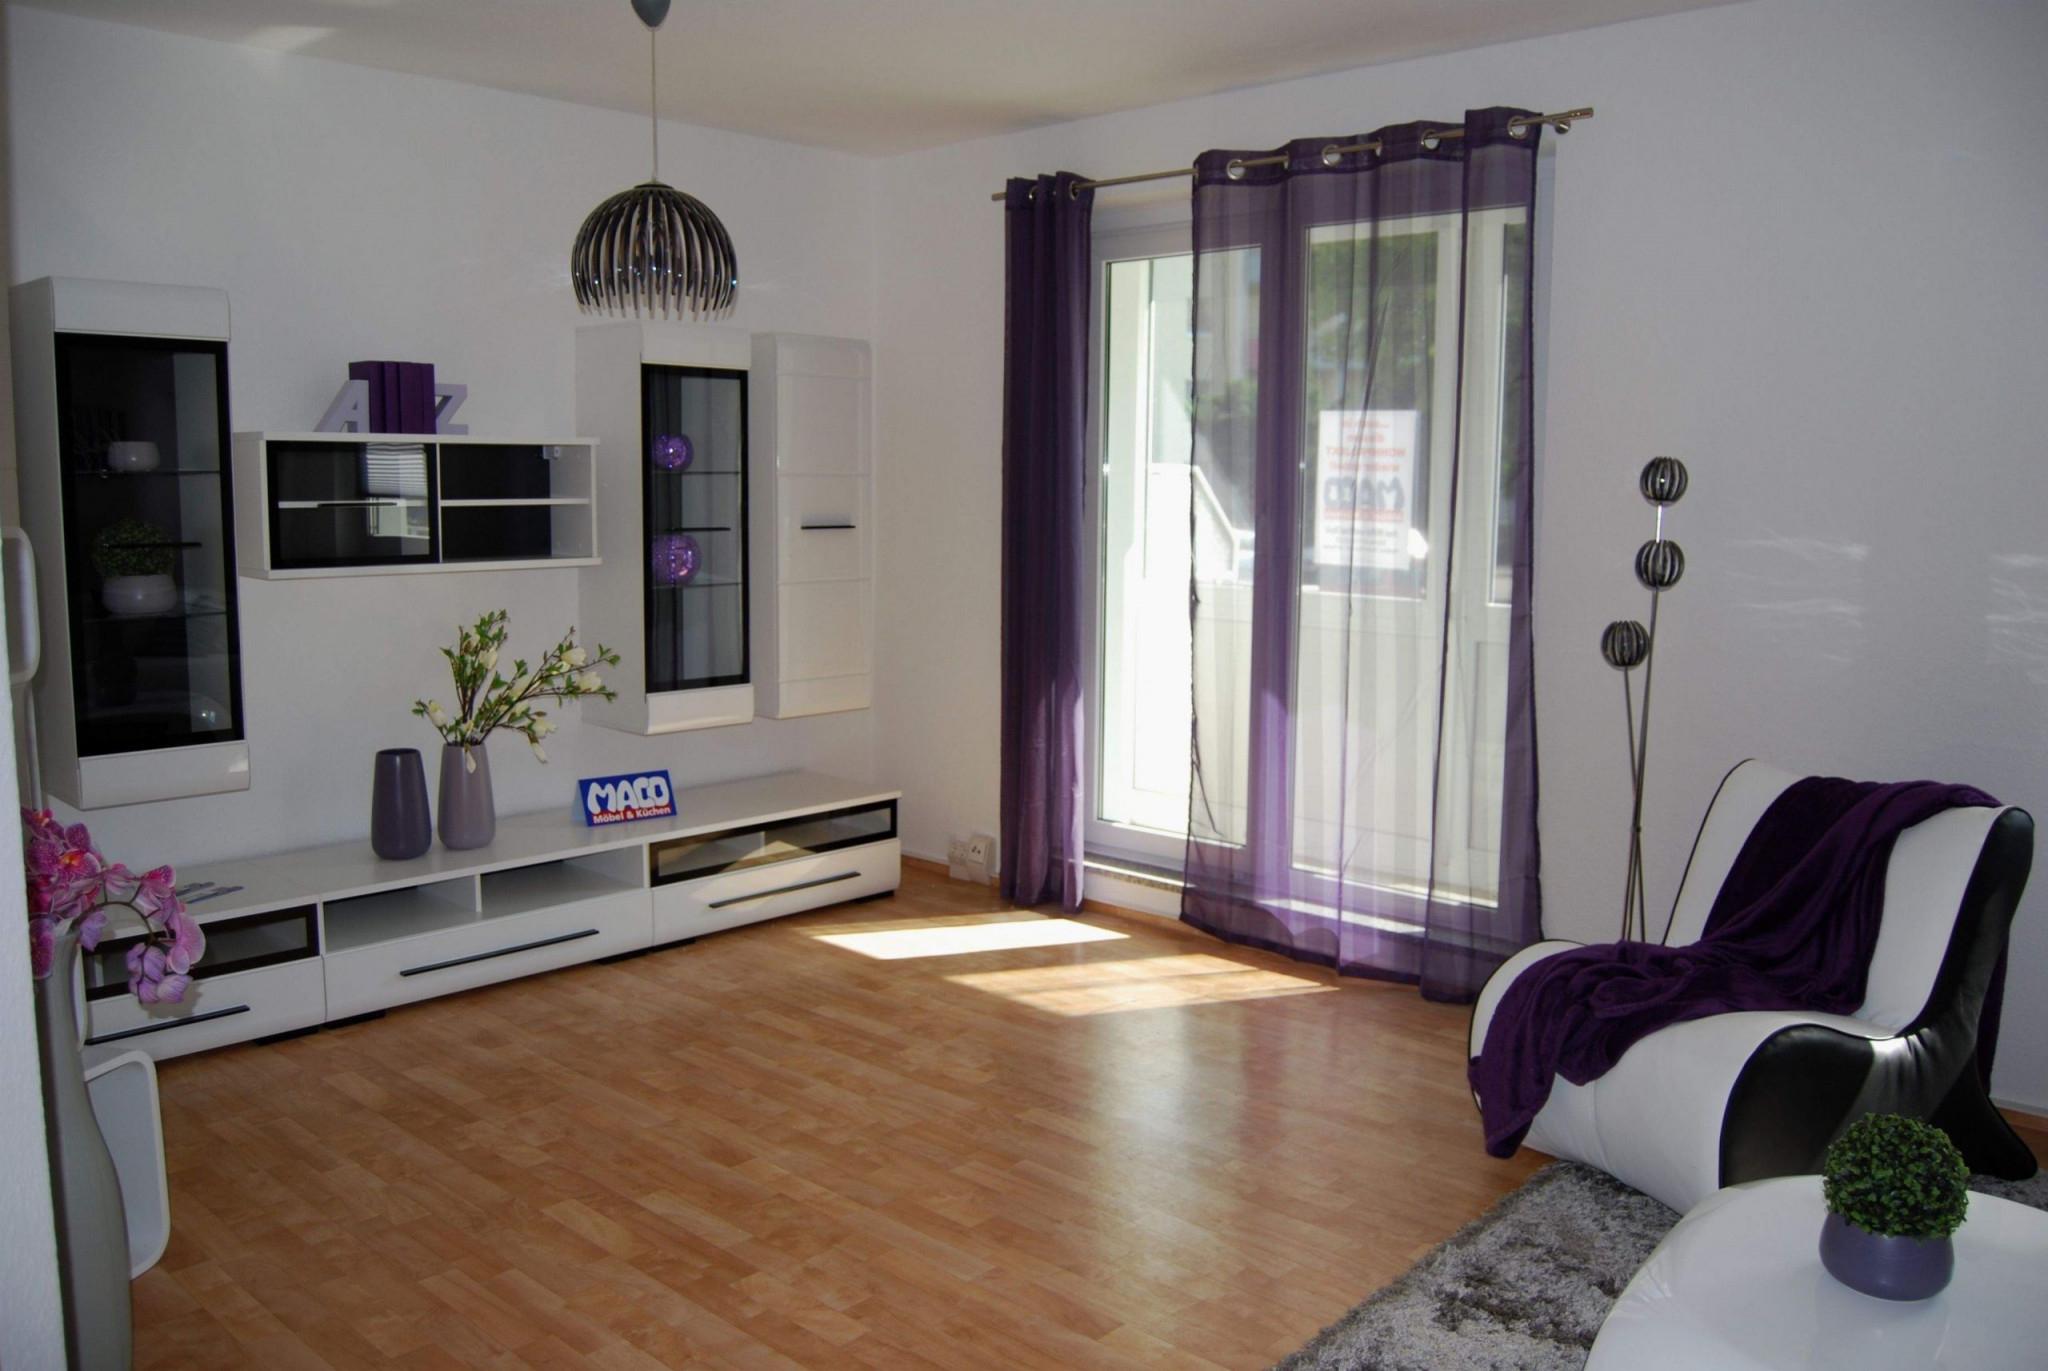 33 Reizend 16 Qm Wohnzimmer Einrichten Genial  Wohnzimmer von Wohnzimmer 30 Qm Einrichten Photo